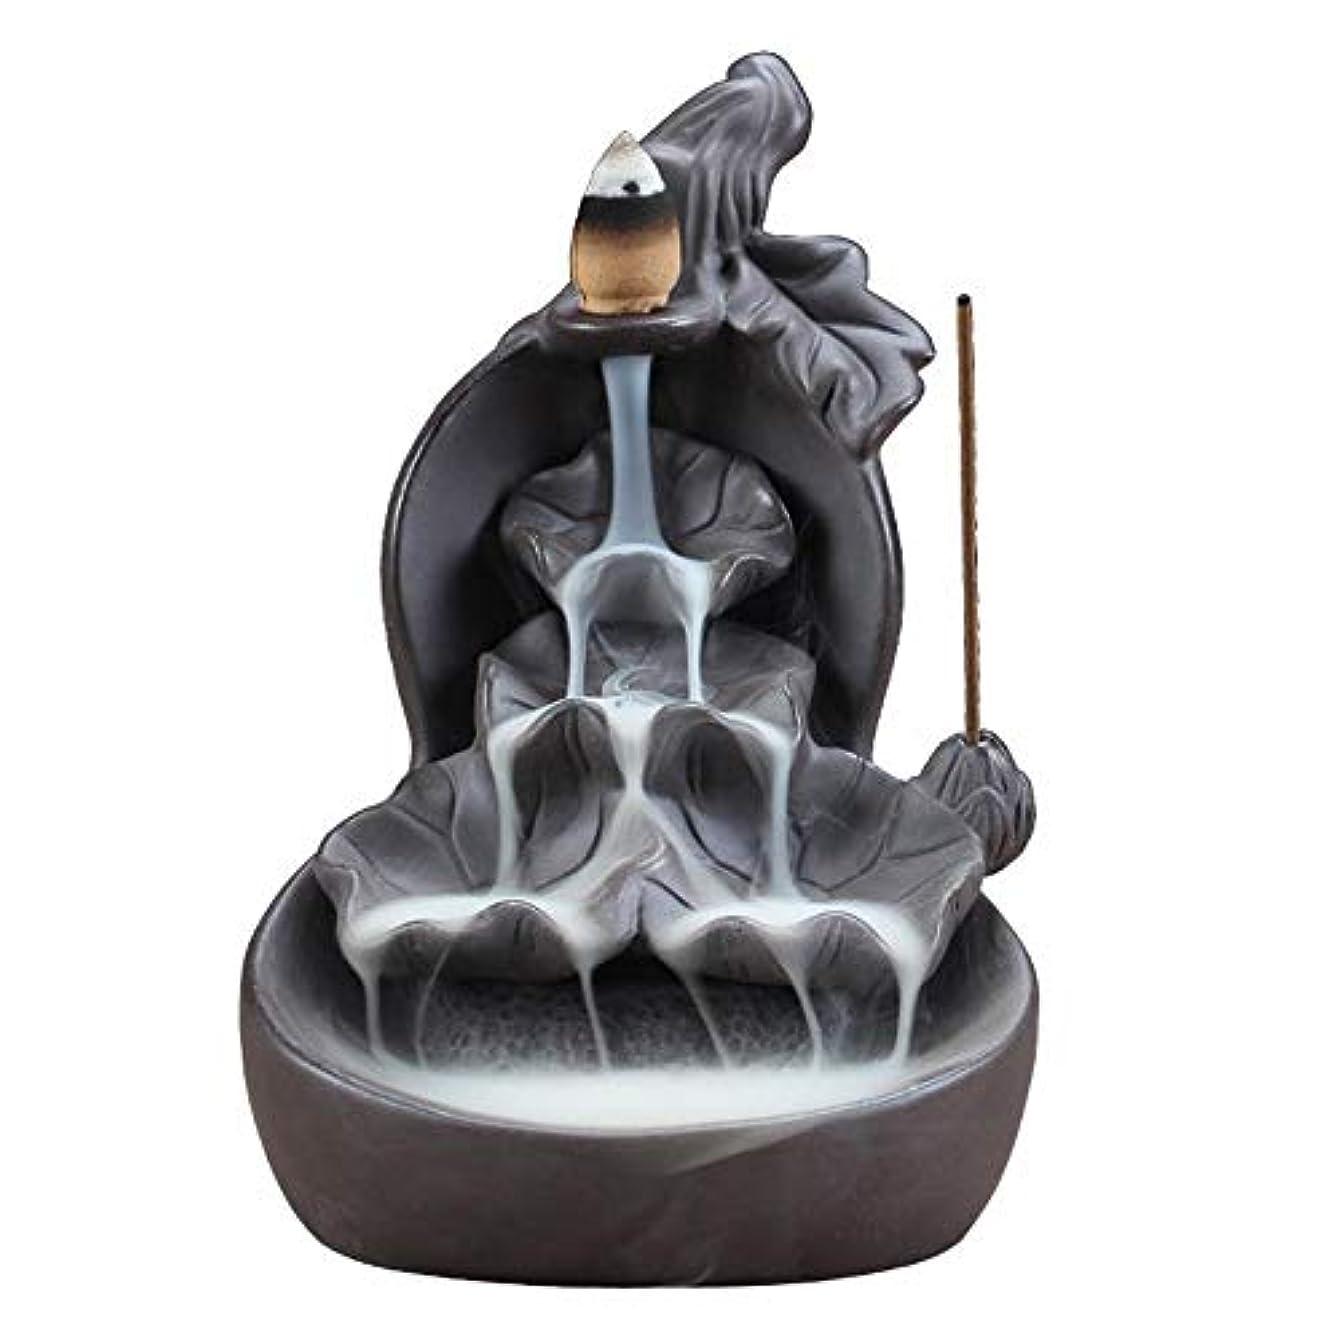 ズームインするライド病なSLLING 蓮 セラミック 香炉 逆流香炉ホルダー 逆流香炉 蓮の手作りお香ホルダー 滝 お香 コーン型 10個入り